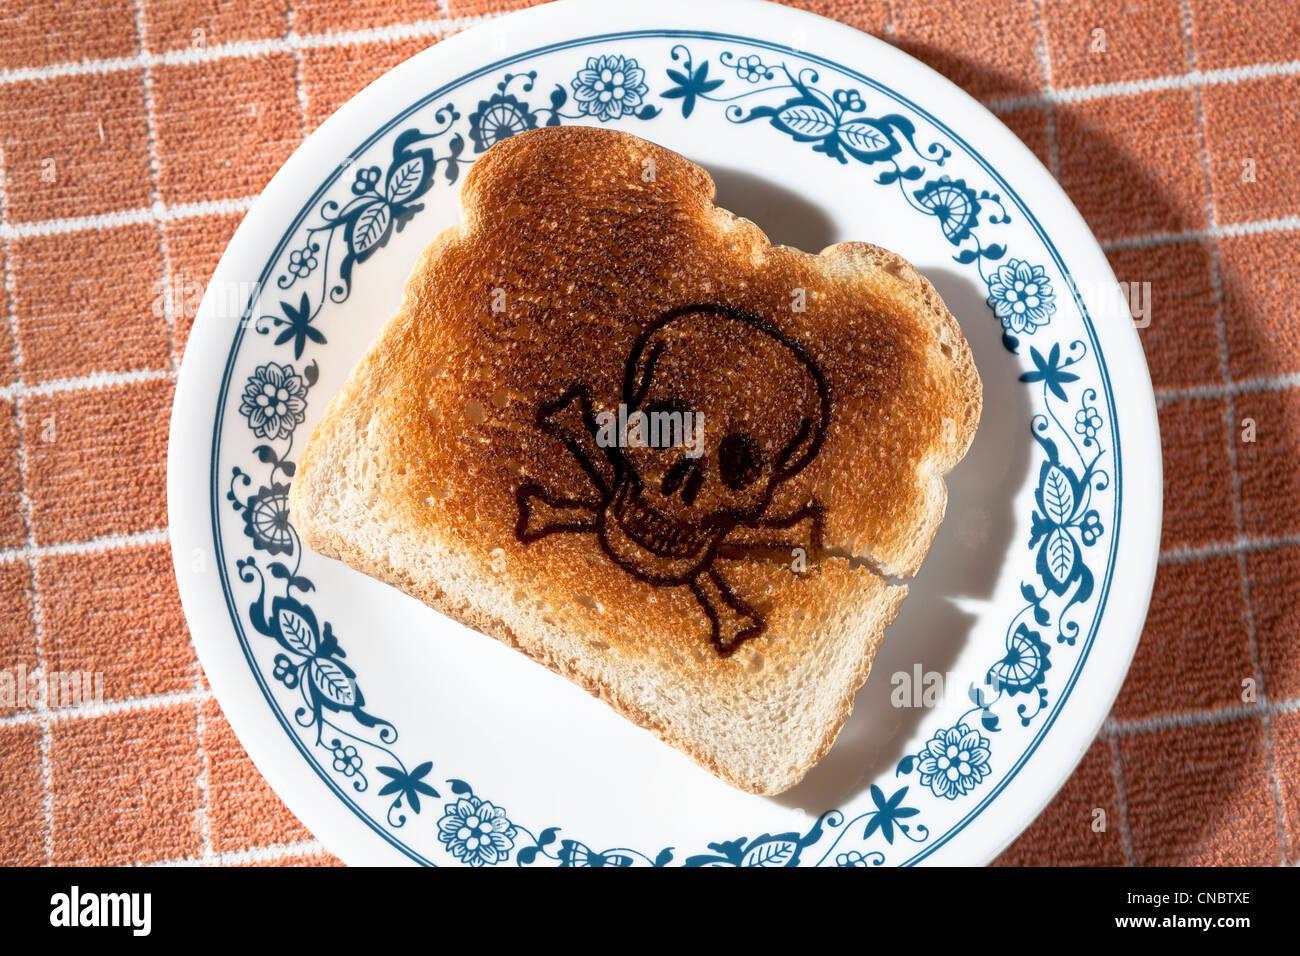 Crâne et os croisés brûlé dans un morceau de pain grillé sur une plaque allergie au gluten Photo Stock